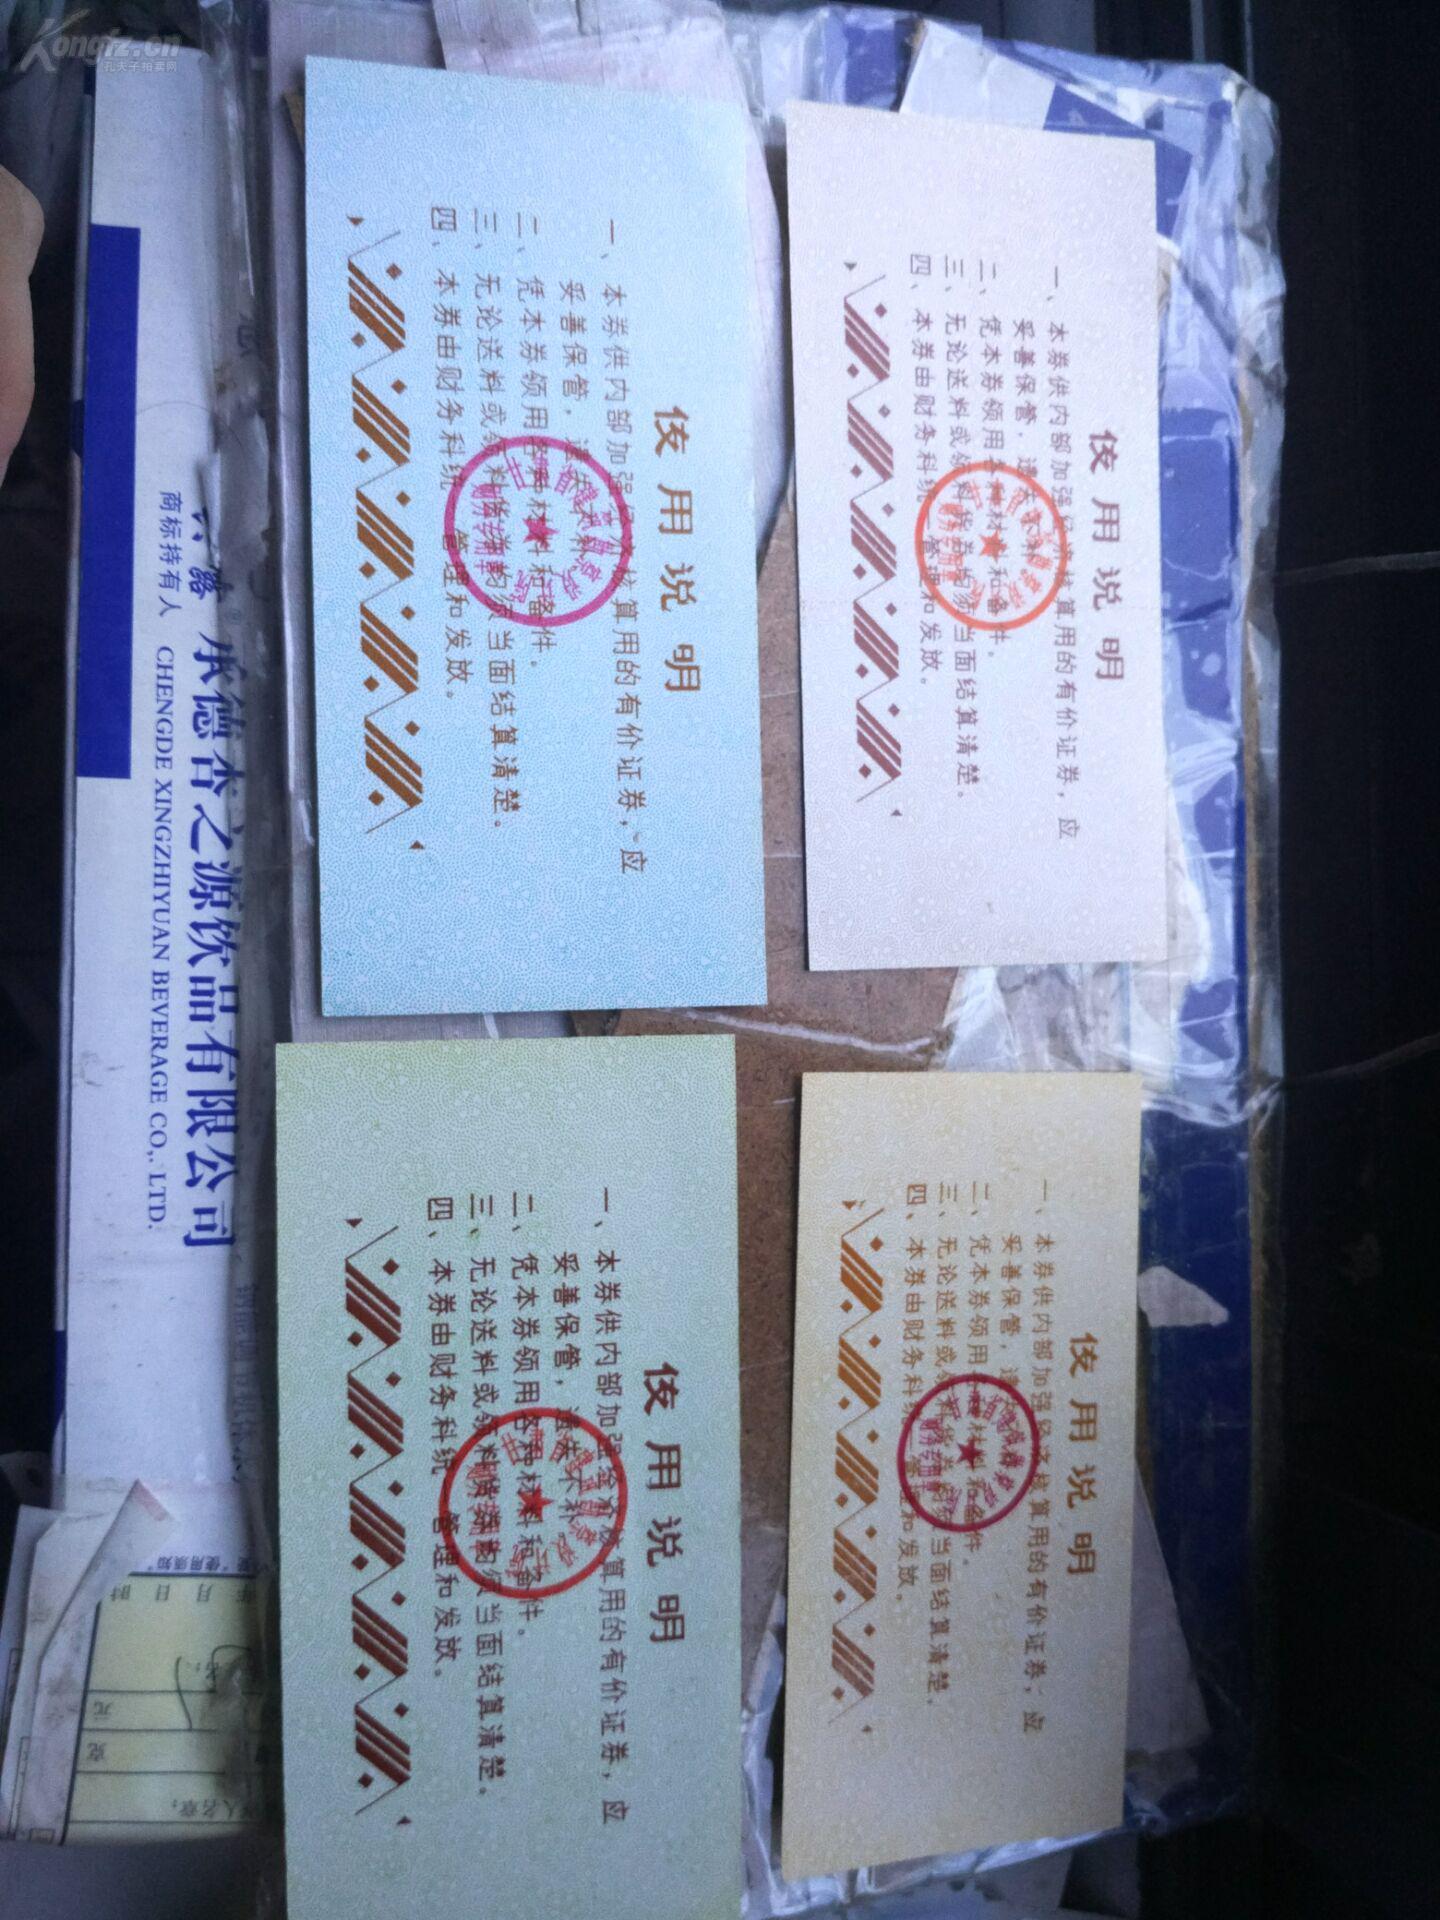 【图】甘肃省v模板设计院模板券--大幅4张套_网3.8海报设计节货币图片